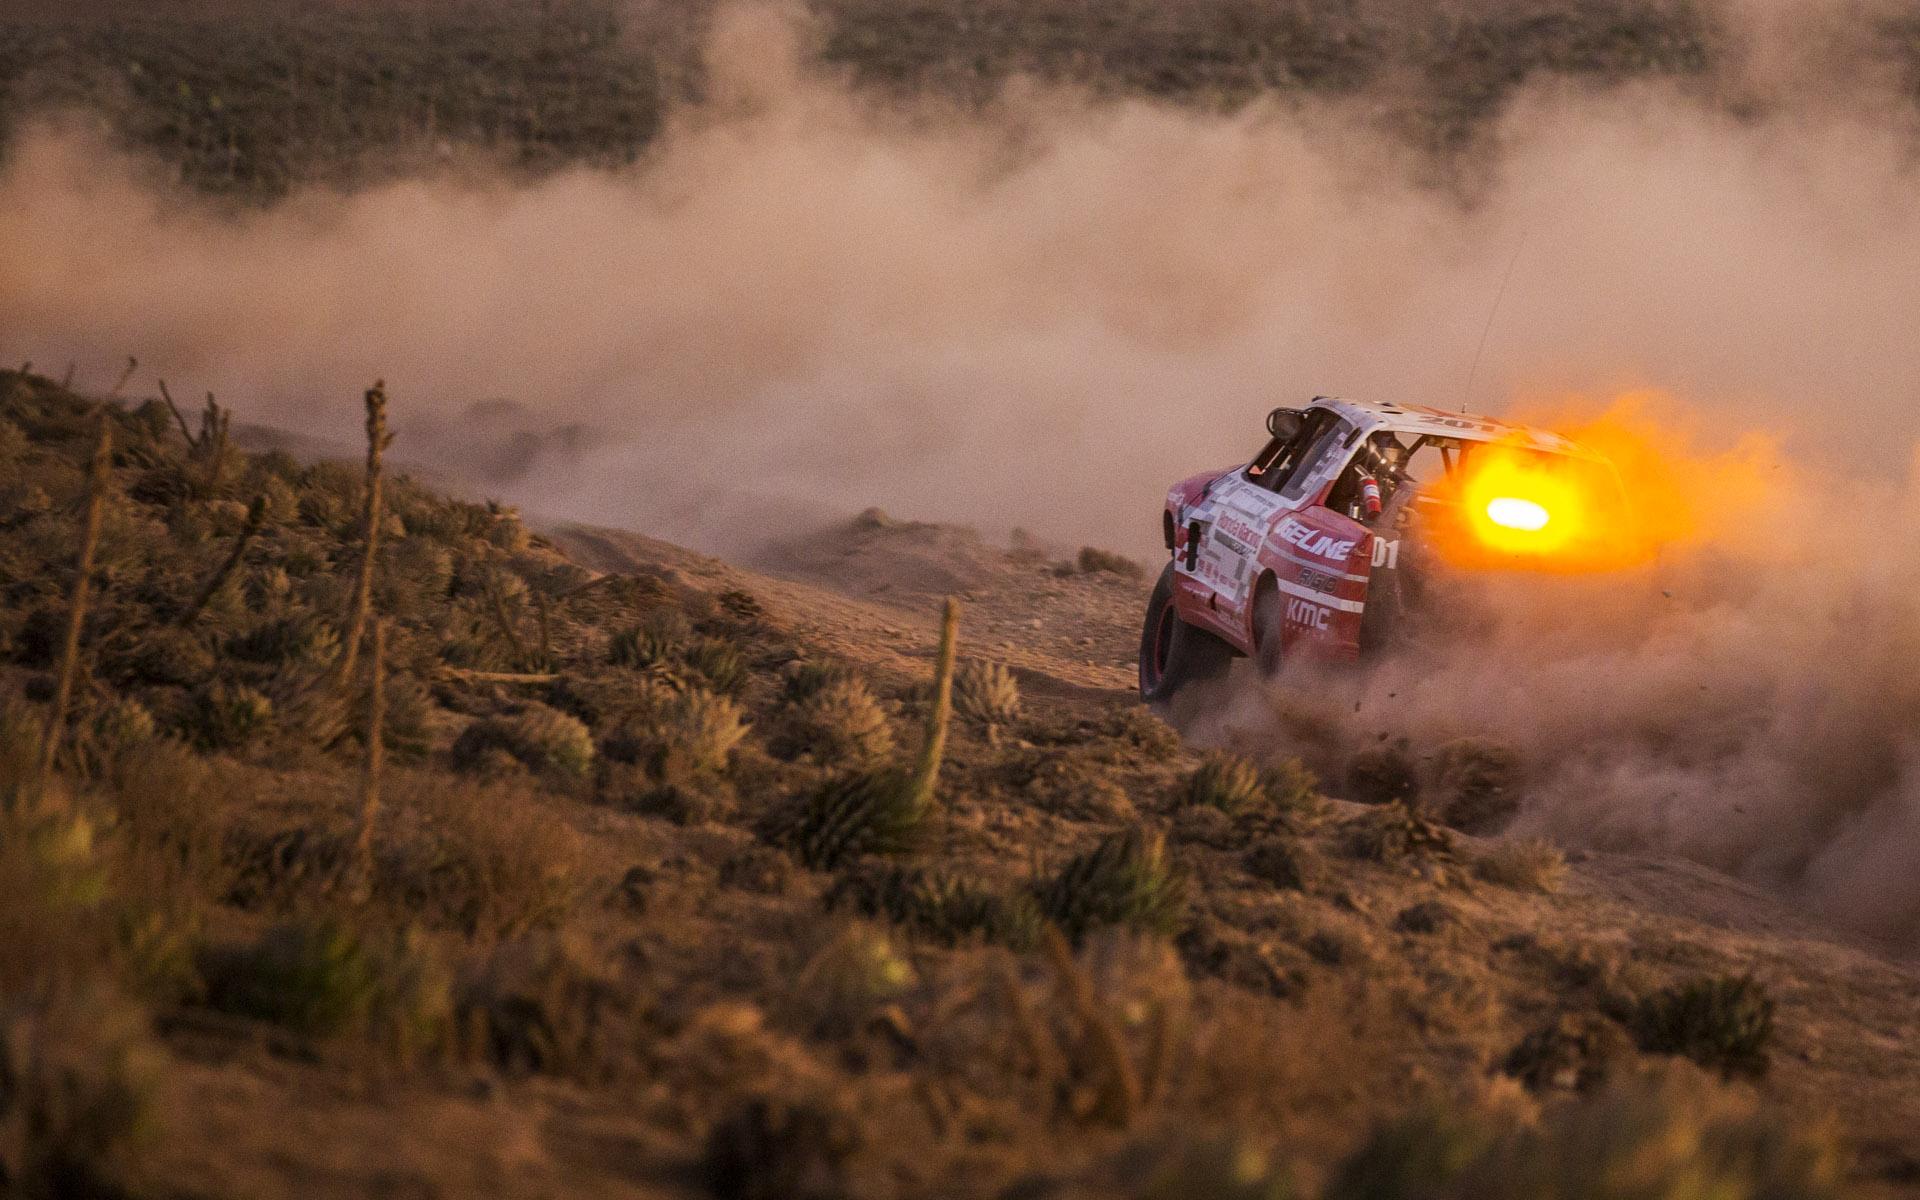 2016 Honda Off-Road HPD Ridgeline SCORE Baja Trophy Truck Livery